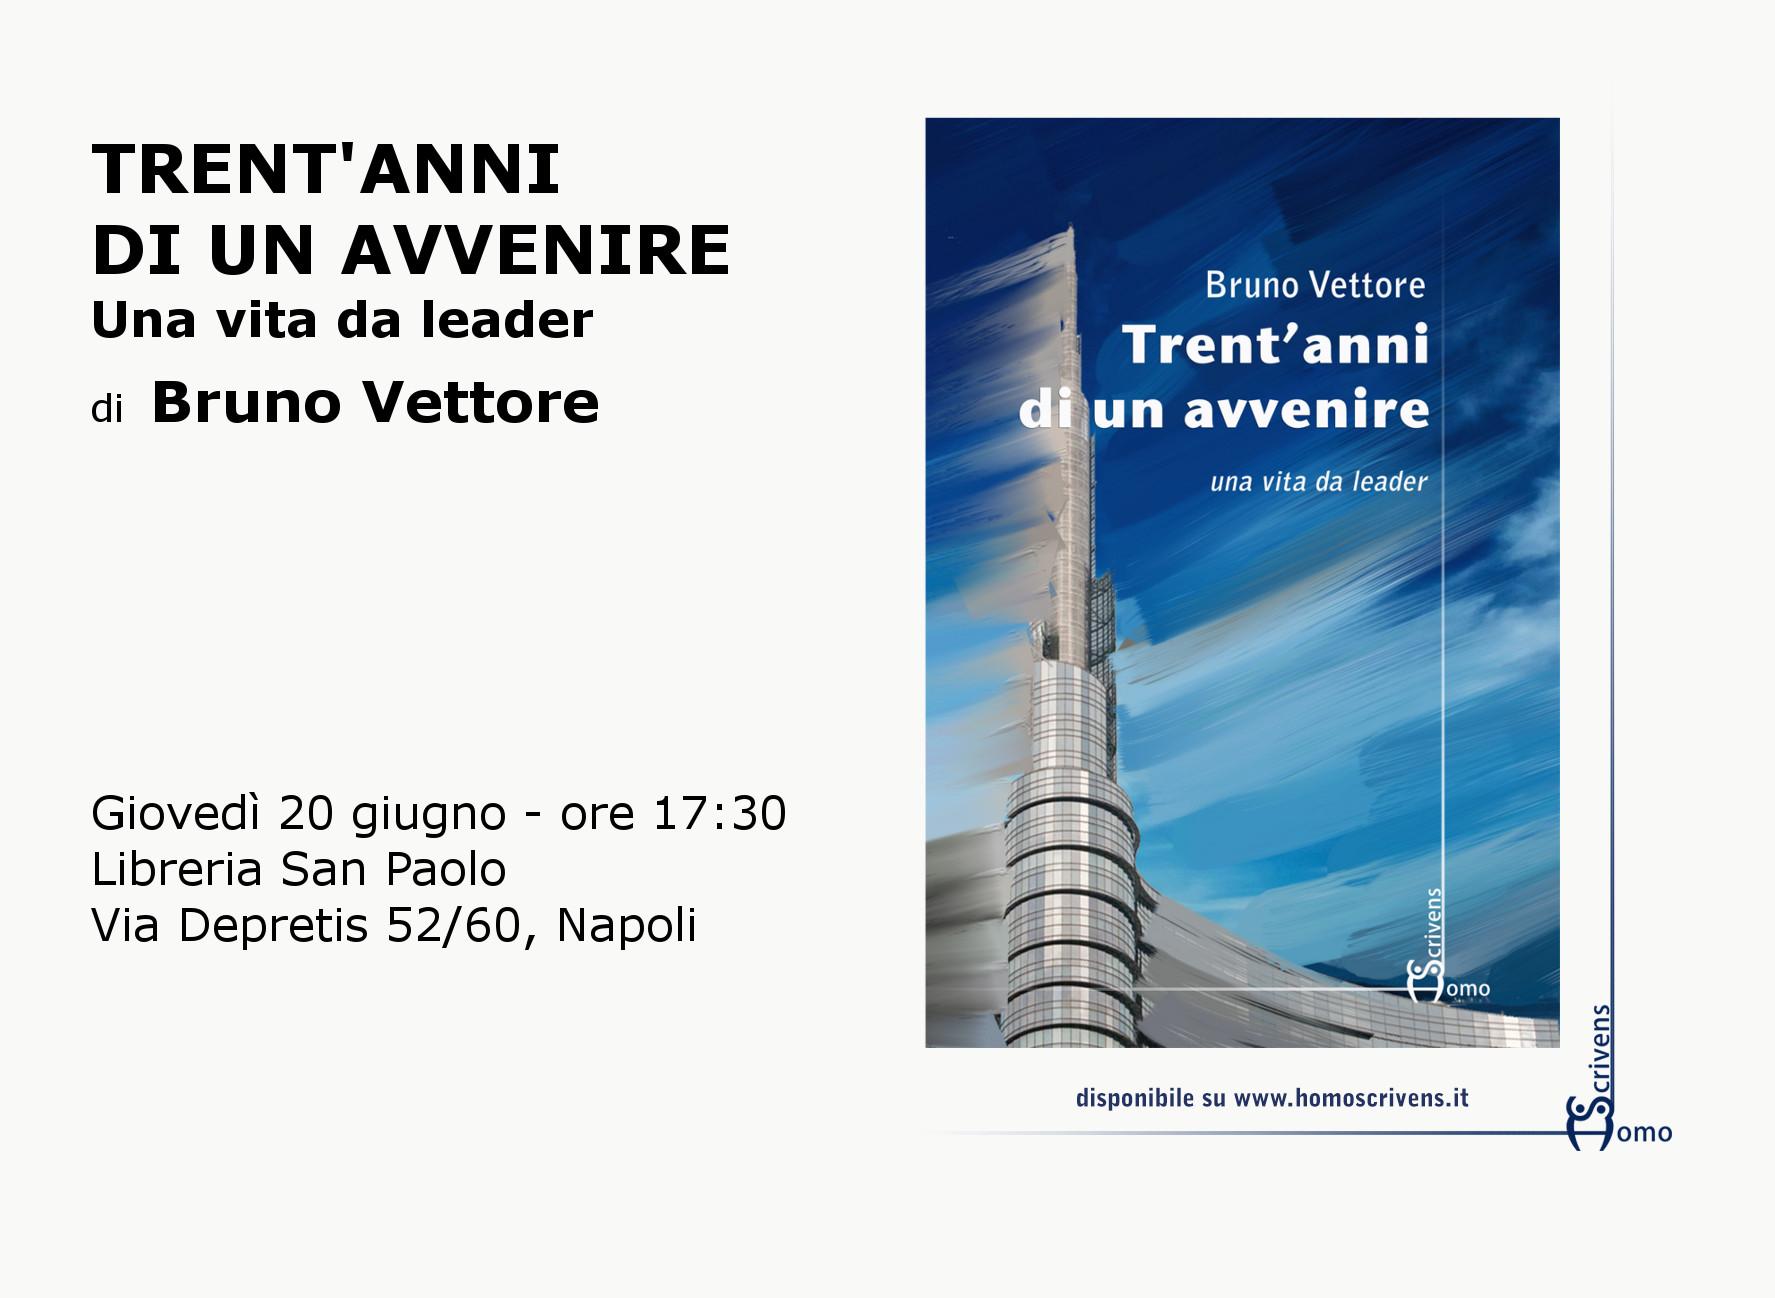 Trent'anni di un avvenire, una vita da leader: Bruno Vettore presenta il suo libro a Napoli, il 20 giugno 2013